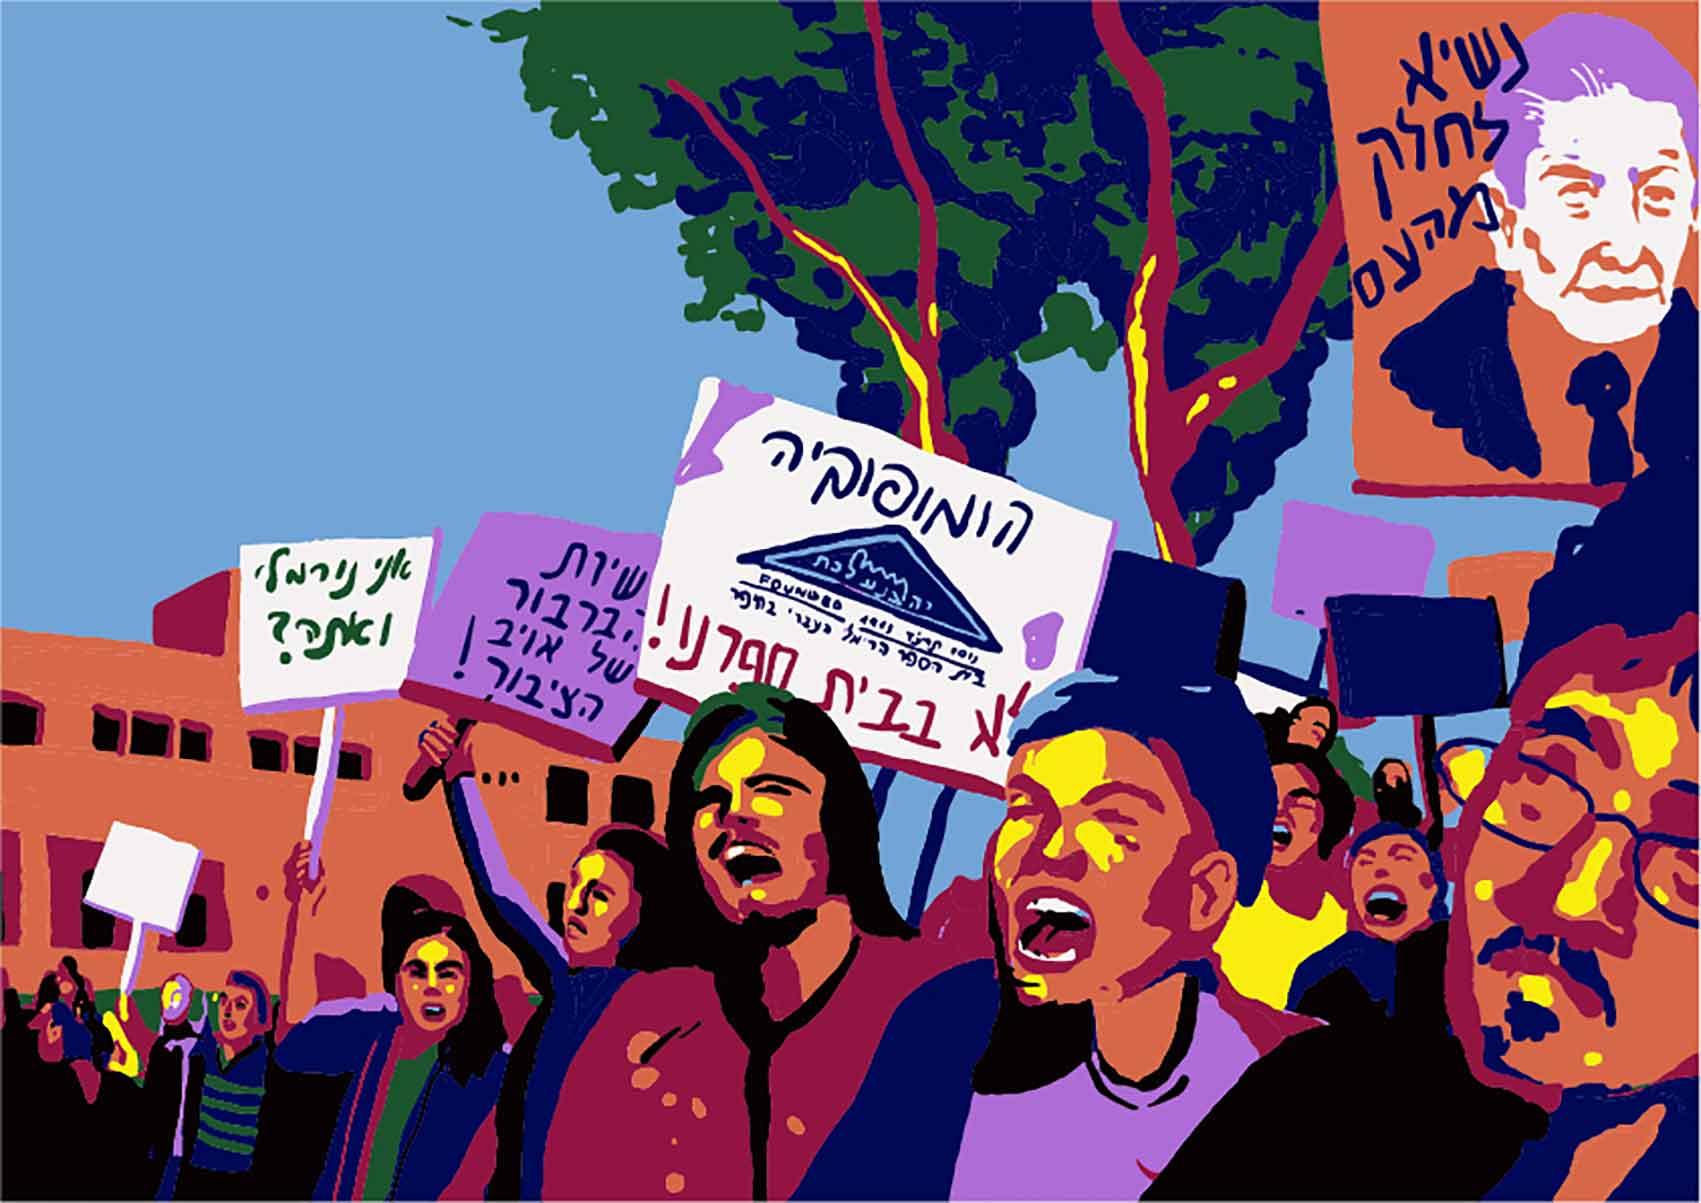 הפגנה-כנגד-התבטאויותיו-ההומופוביות-של-נשיא-המדינה-עזר-ויצמ